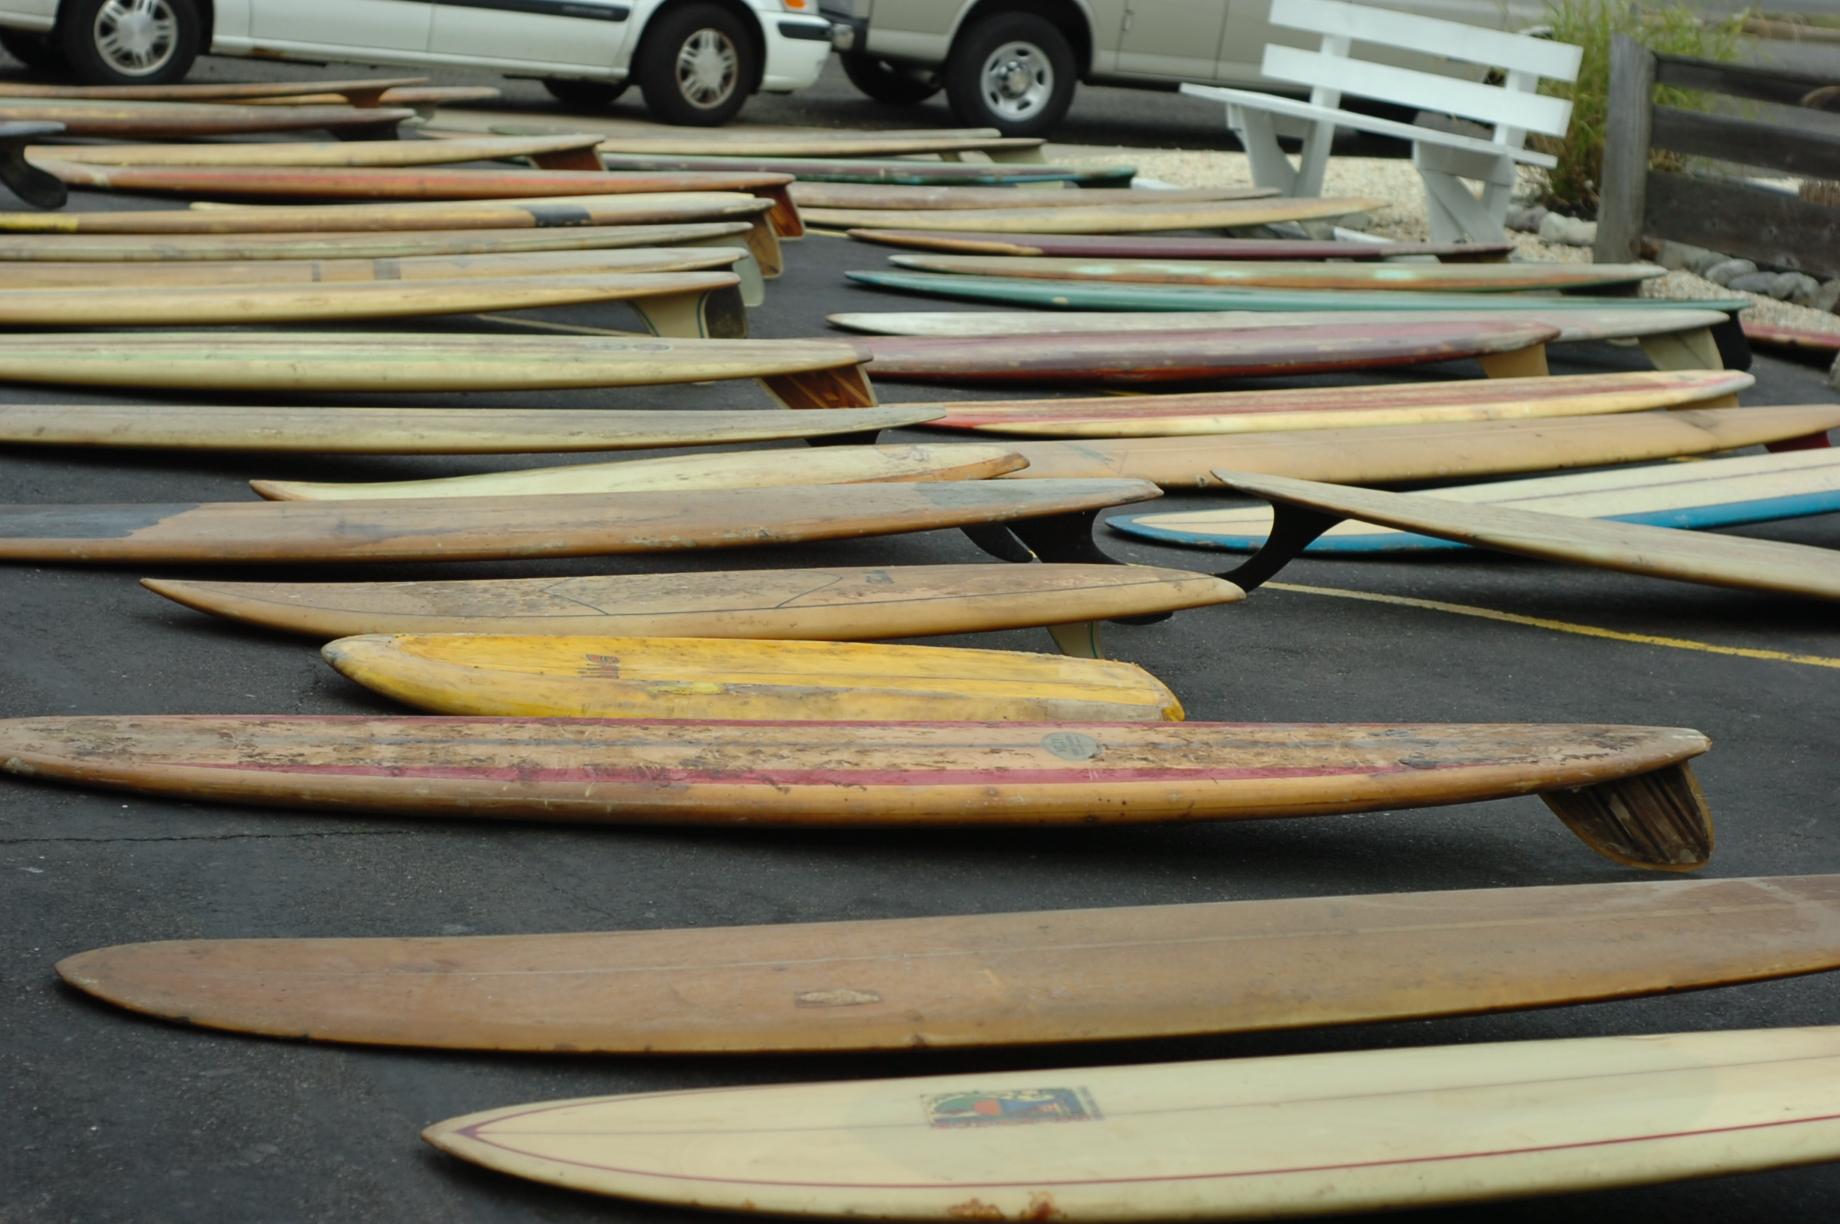 Michael-Lisiewski-Vintage-Surfboards-III